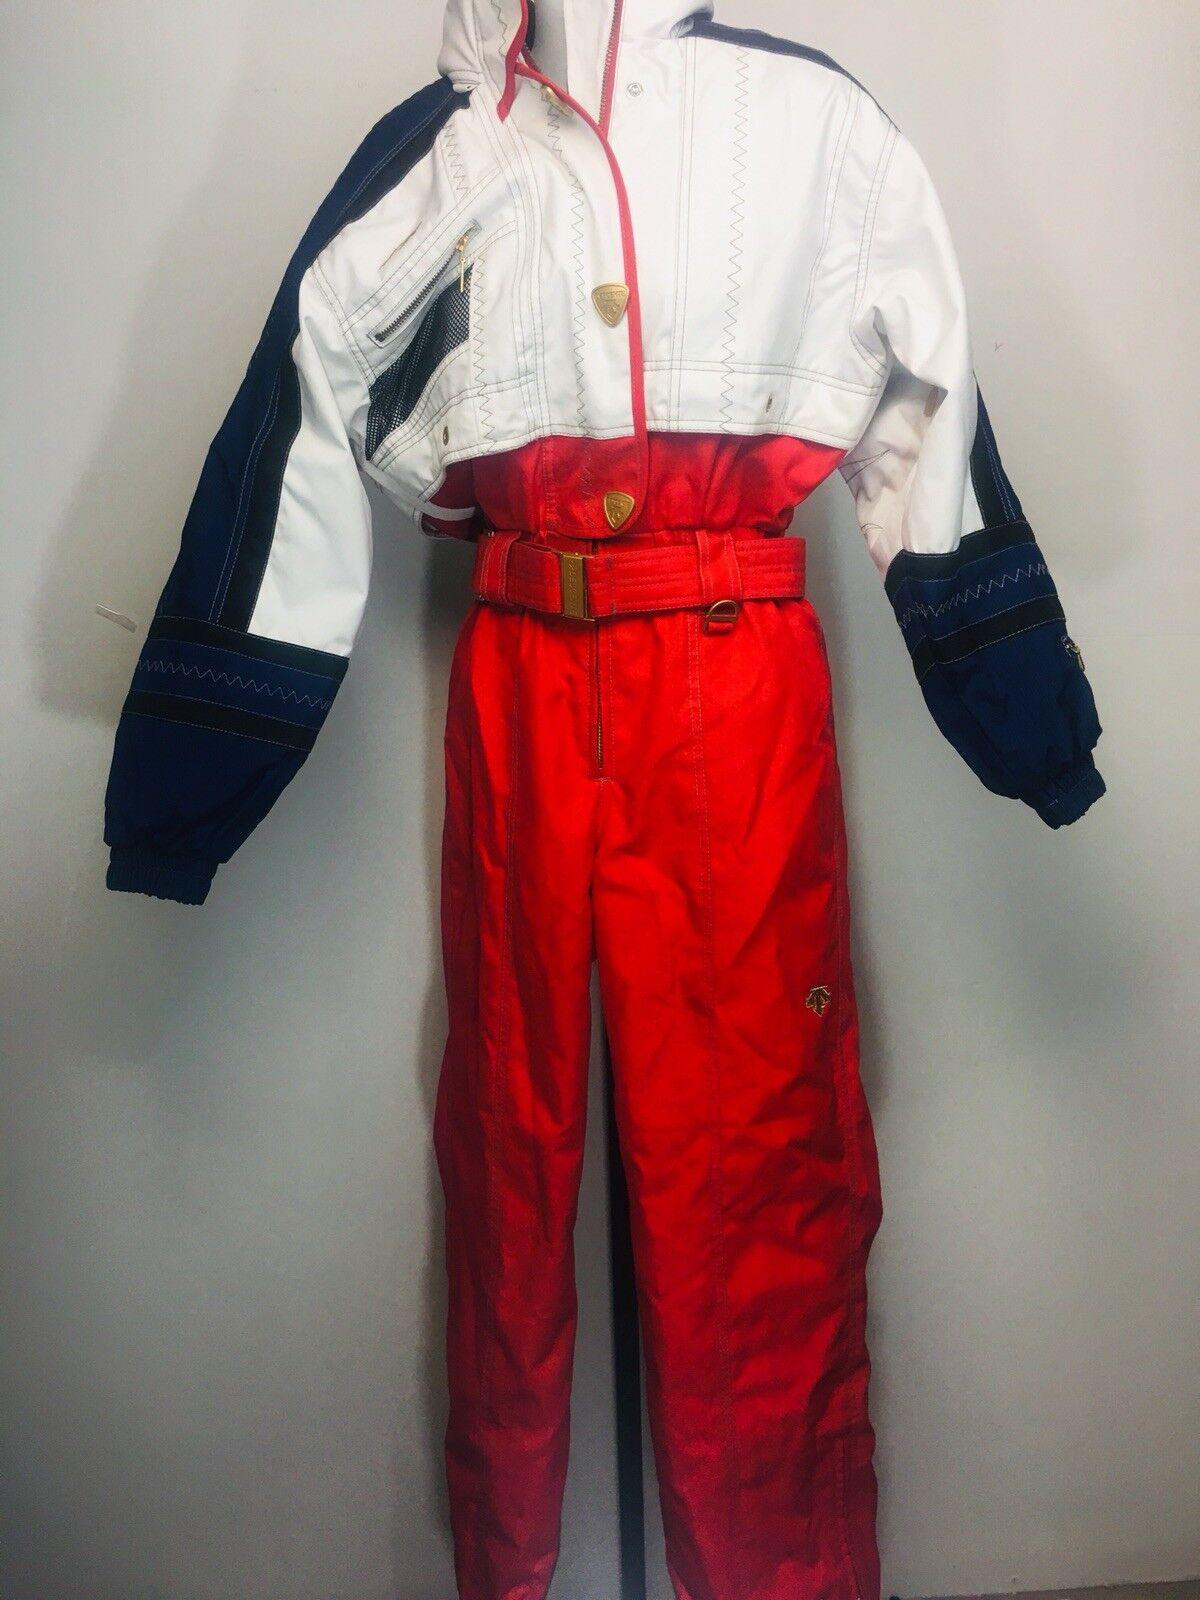 Descente Vintage Sz 6 Ski Snow Suit rot Weiß Blau USA Gold Accents damen's